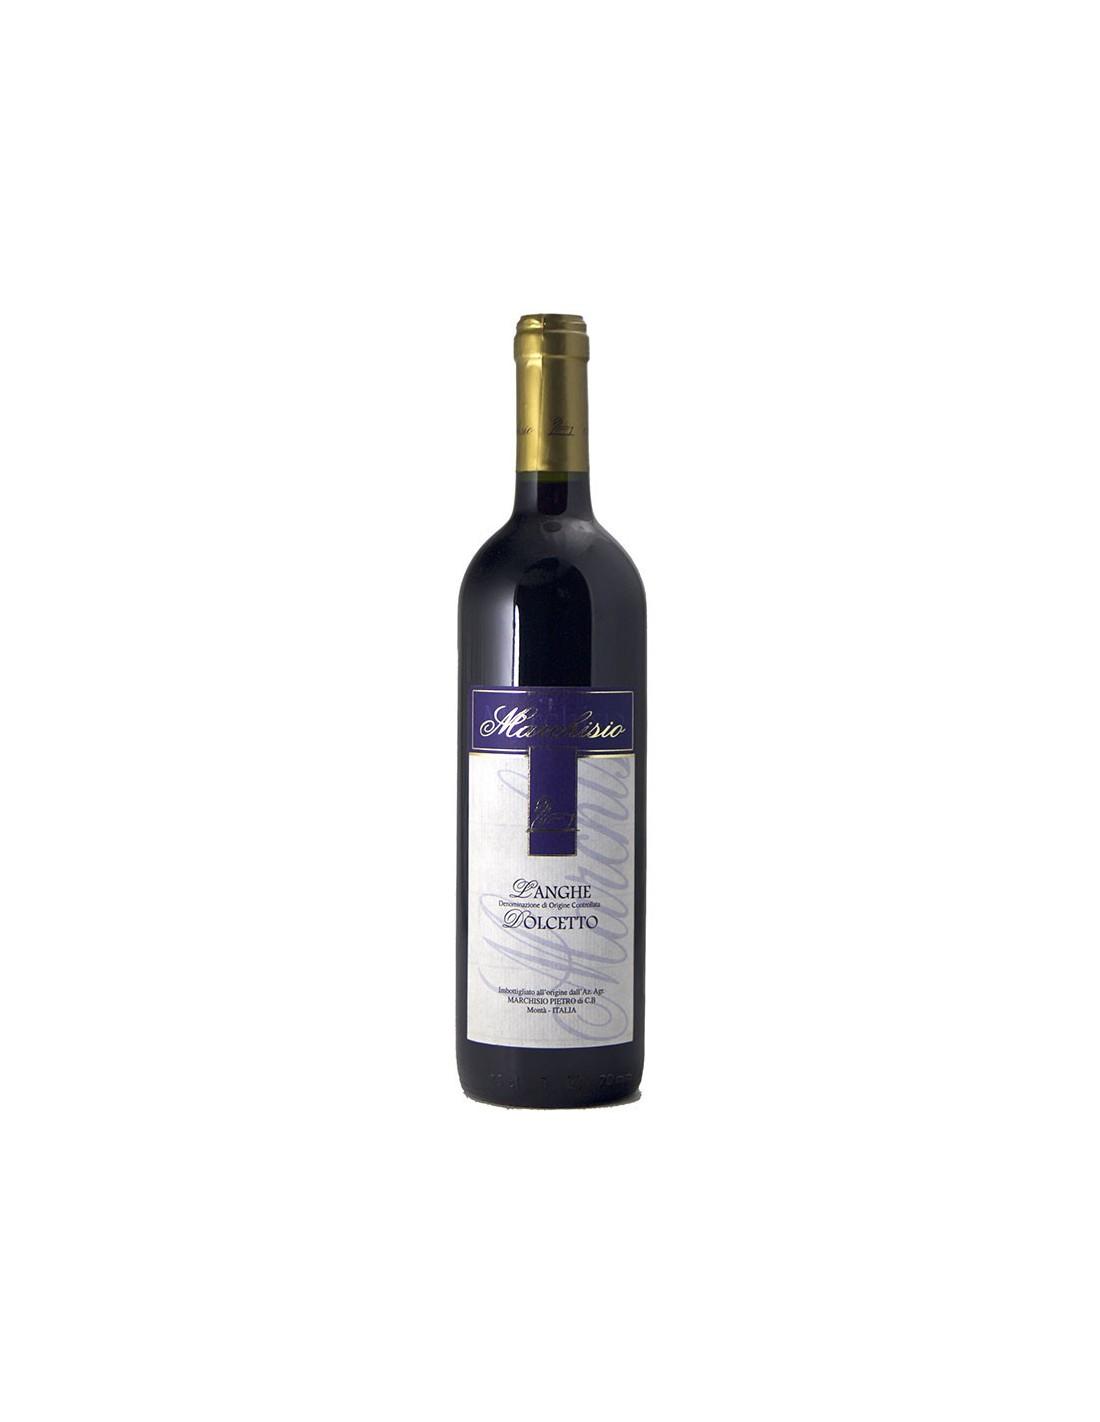 DOLCETTO LANGHE 2006 MARCHISIO LUIGI Grandi Bottiglie